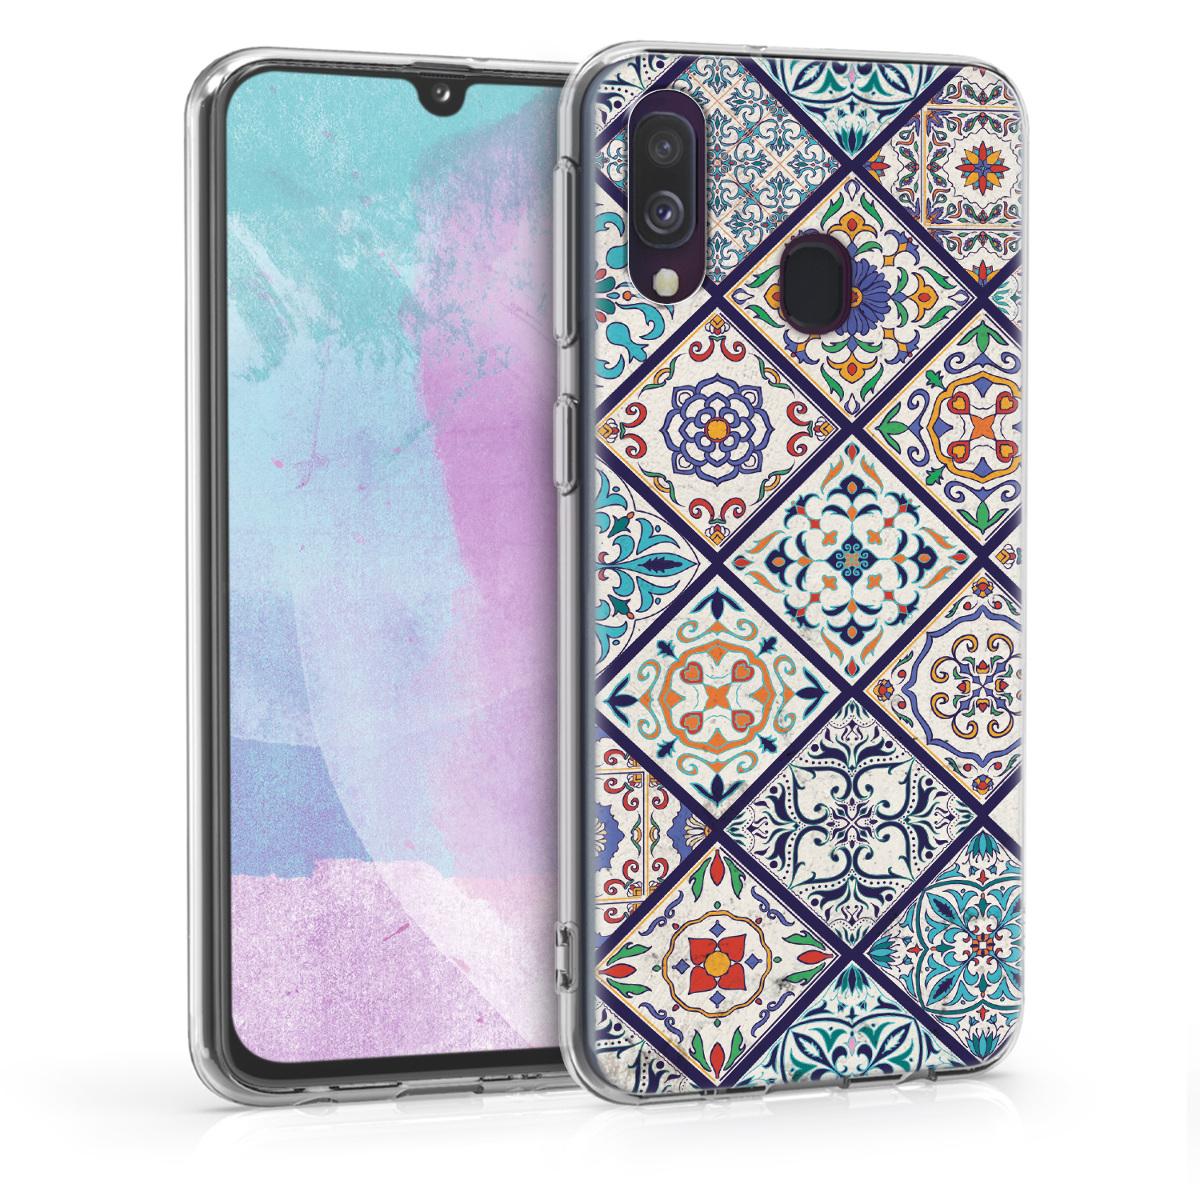 Kvalitní silikonové TPU pouzdro pro Samsung A40 - Moroccan Vibes v vícebarevná modré / oranžová / bílá